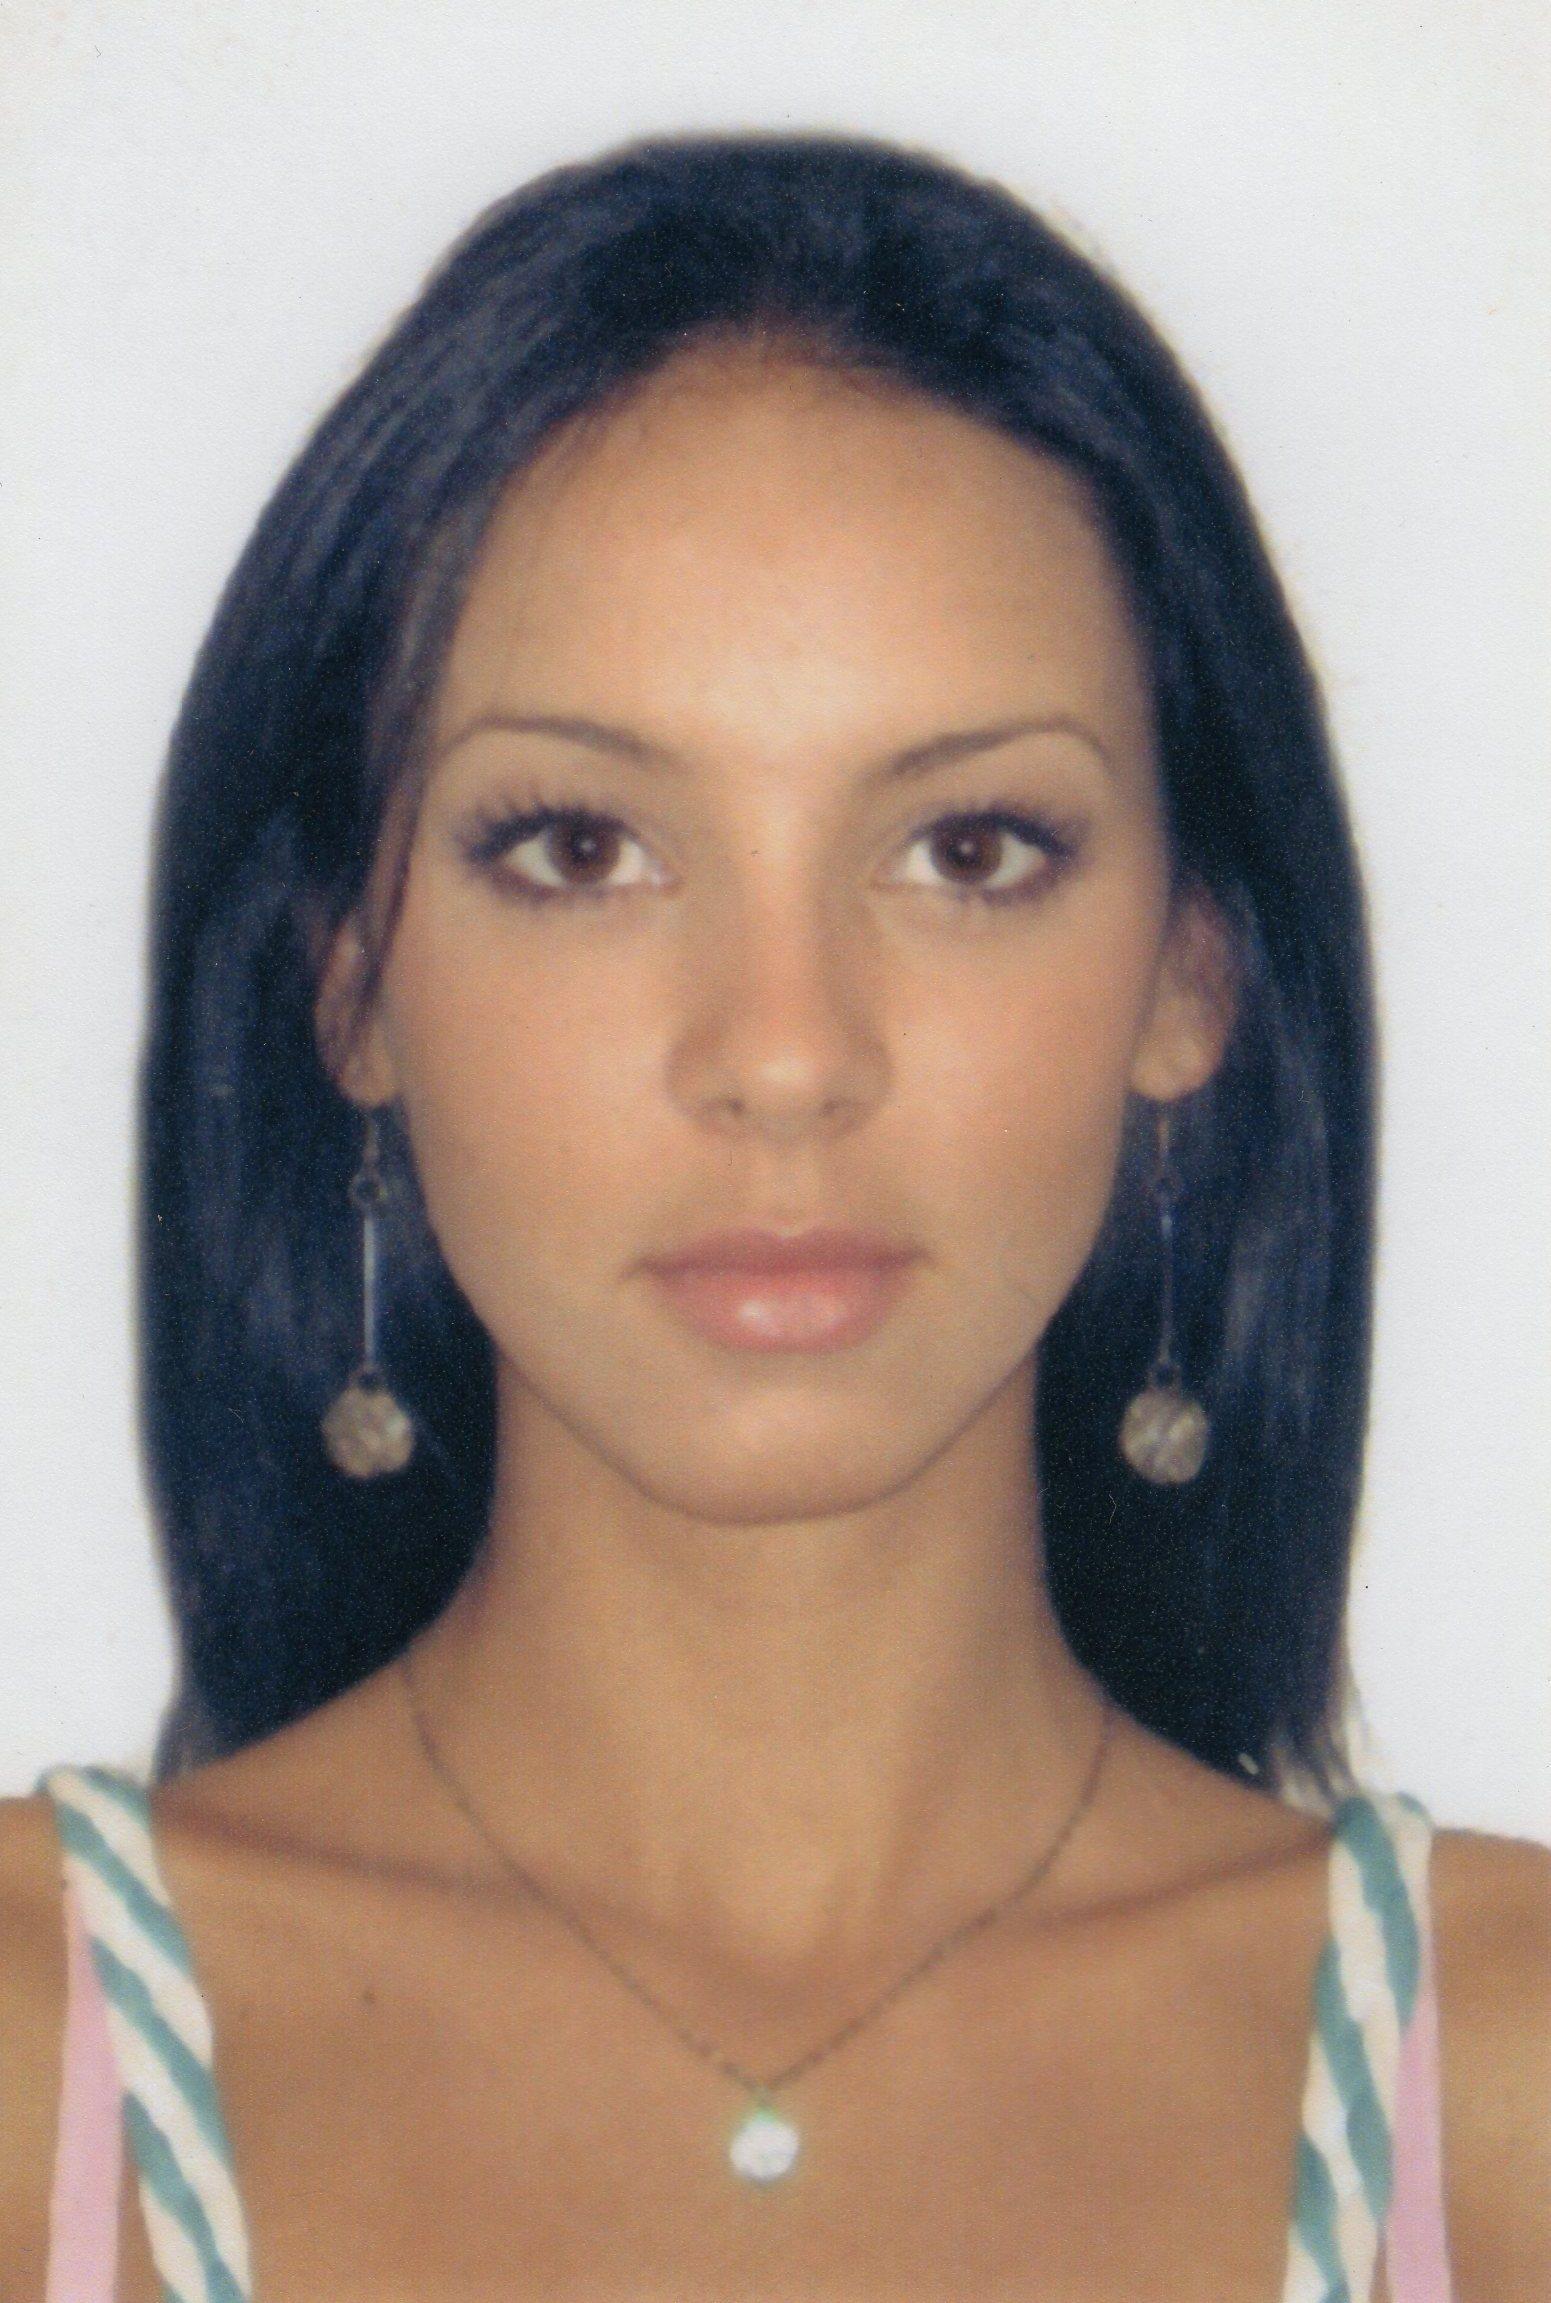 Похищенные девушки фото 11 фотография